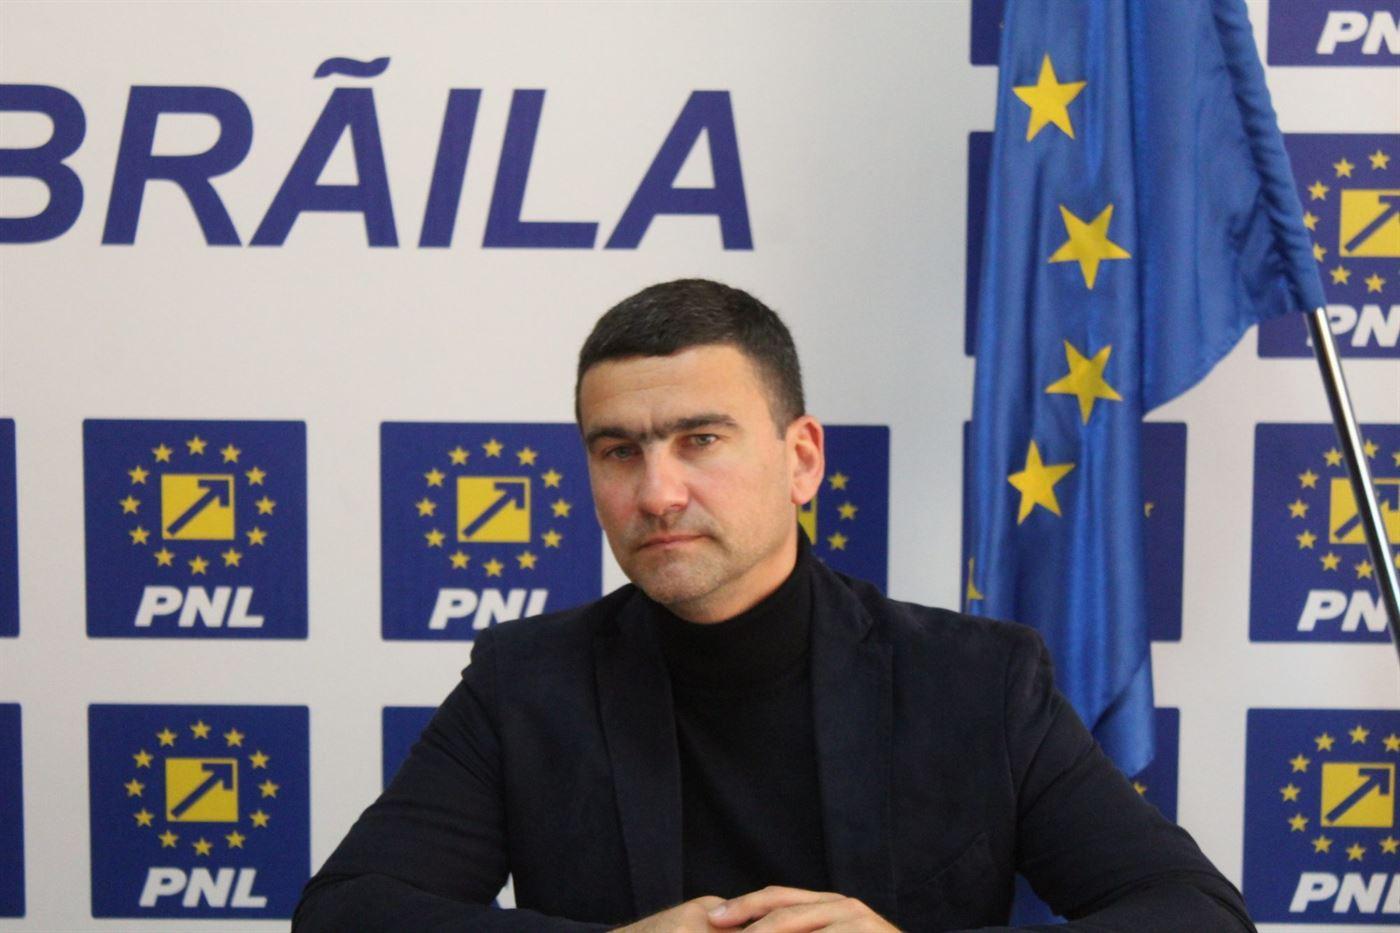 """Cătălin Boboc, președinte PNL Brăila: """"Salariul mediu net va crește cu aproape 50% față de nivelul din 2020"""""""